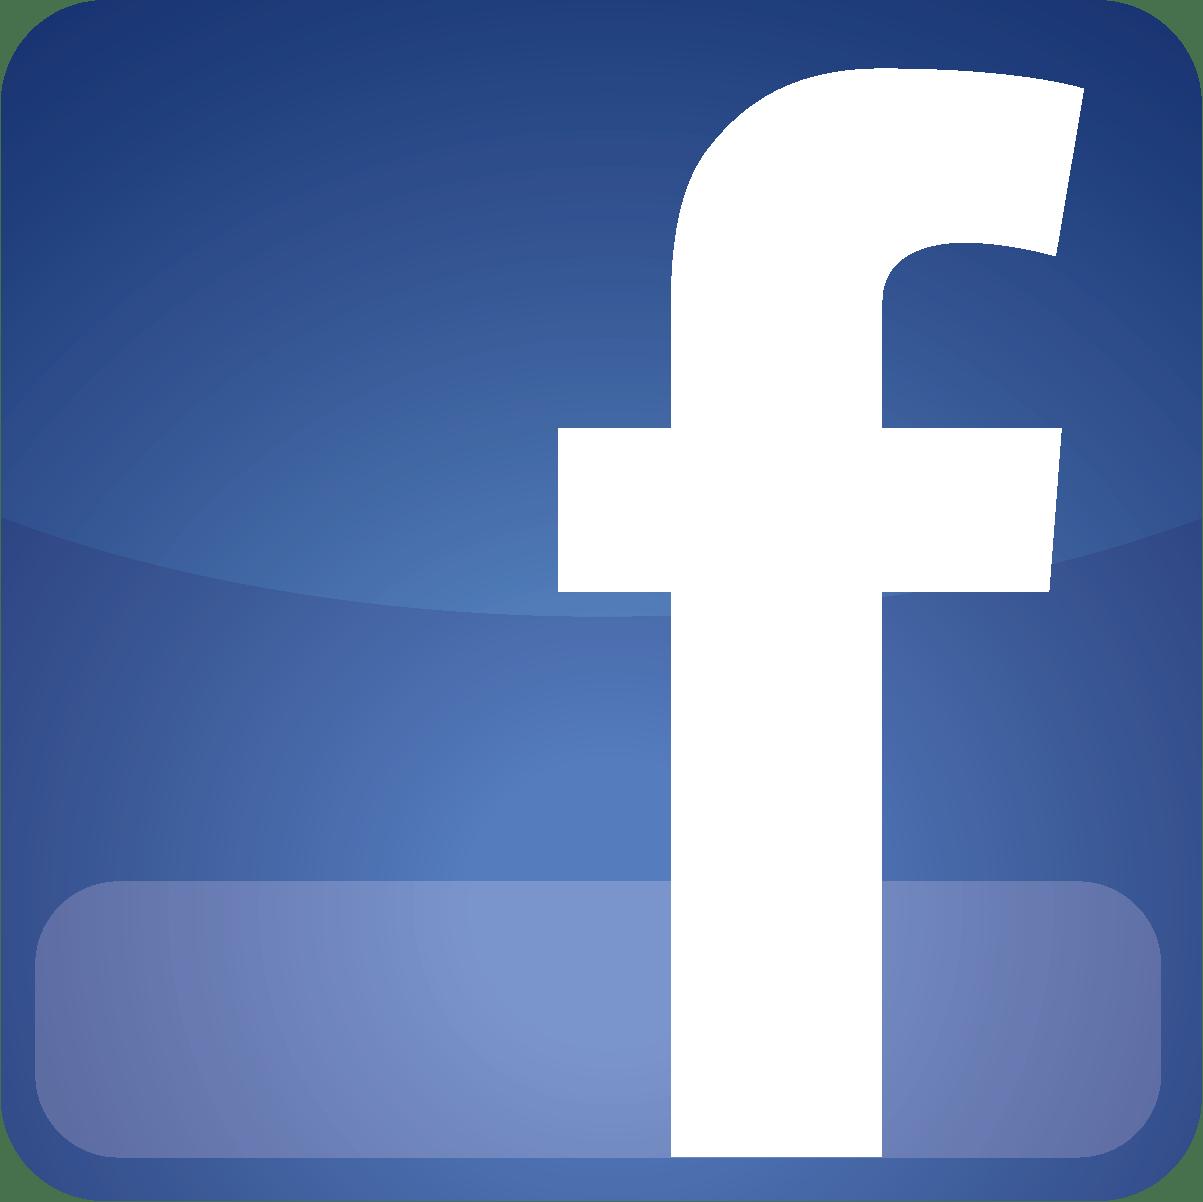 Facebook-icon-logo